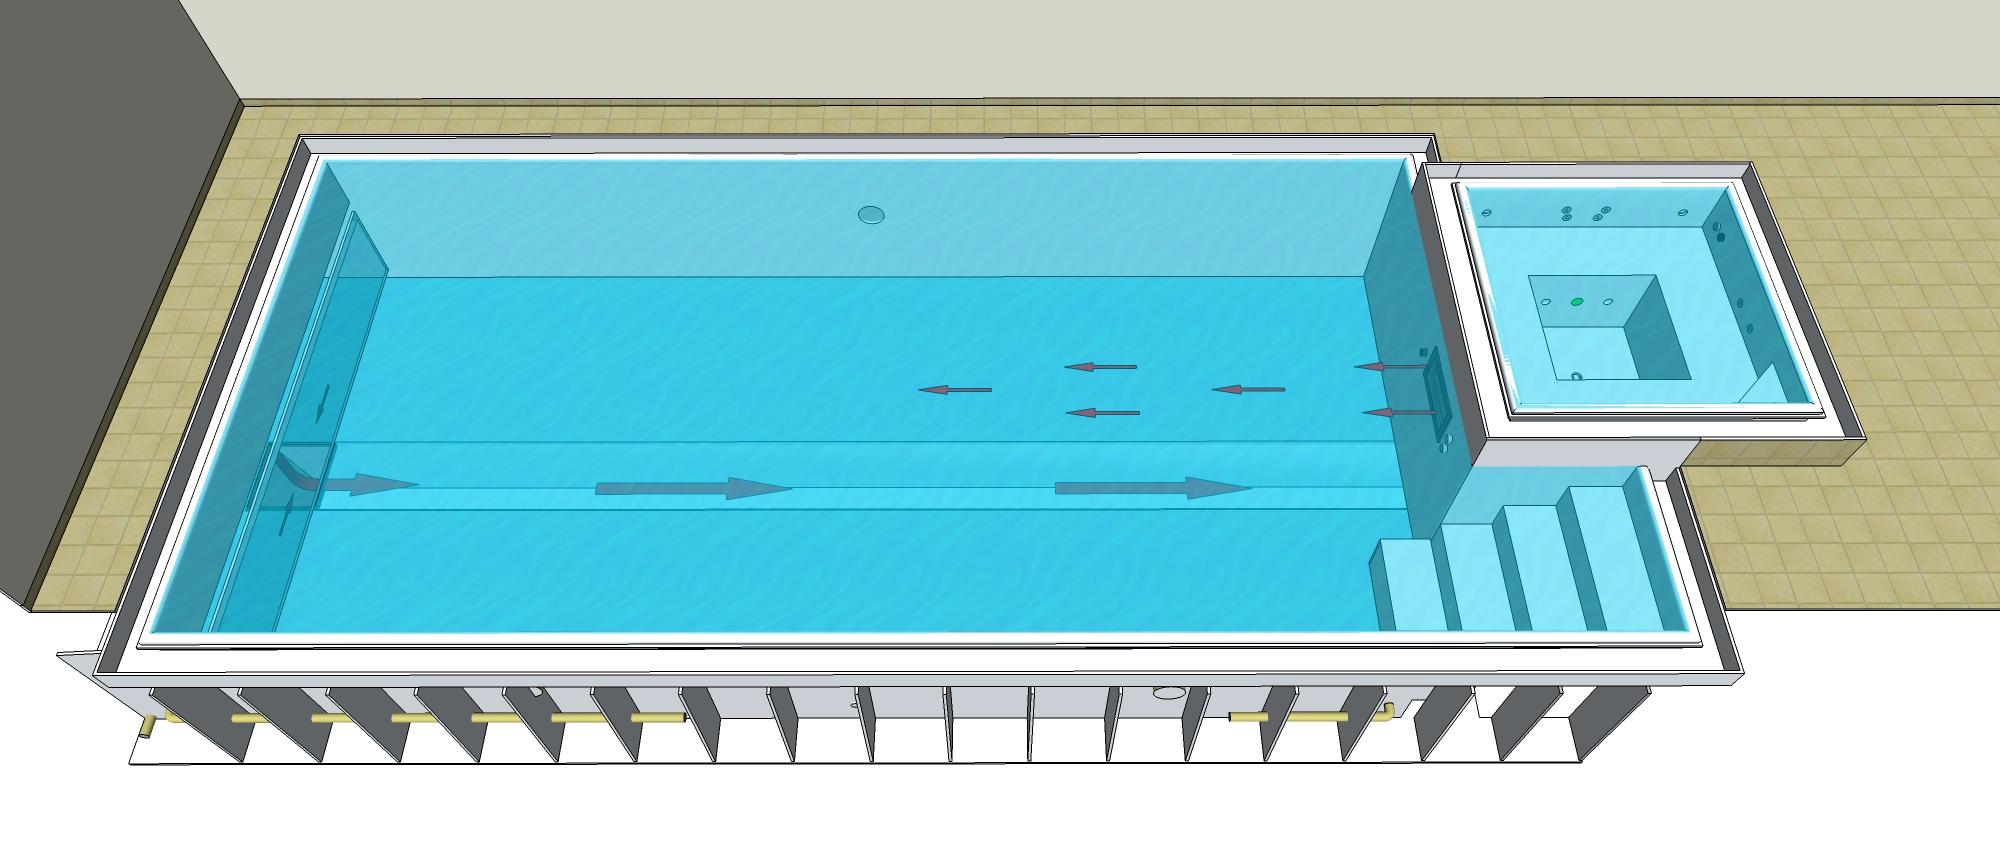 Die Wasserführung bei der Swimstream Gegenstromanlage 2000 im Custom Schwimmbecken. Deswegen so stark, weil das Wasser unter dem Boden zurück geführt wird.